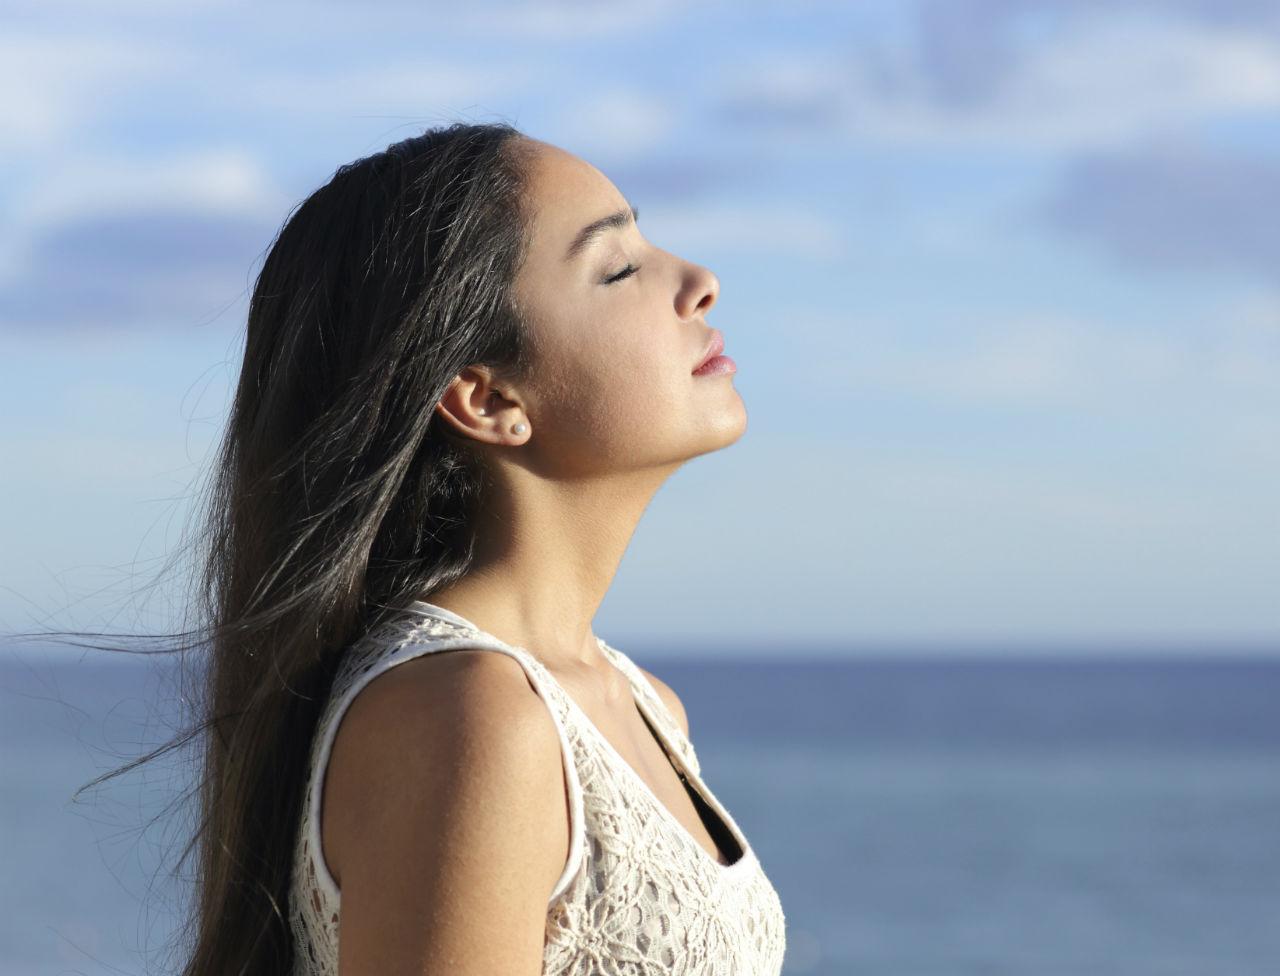 respiration-abdominale-vs-respiration-thoracique-consequences-et-bienfaits-au-quotidien